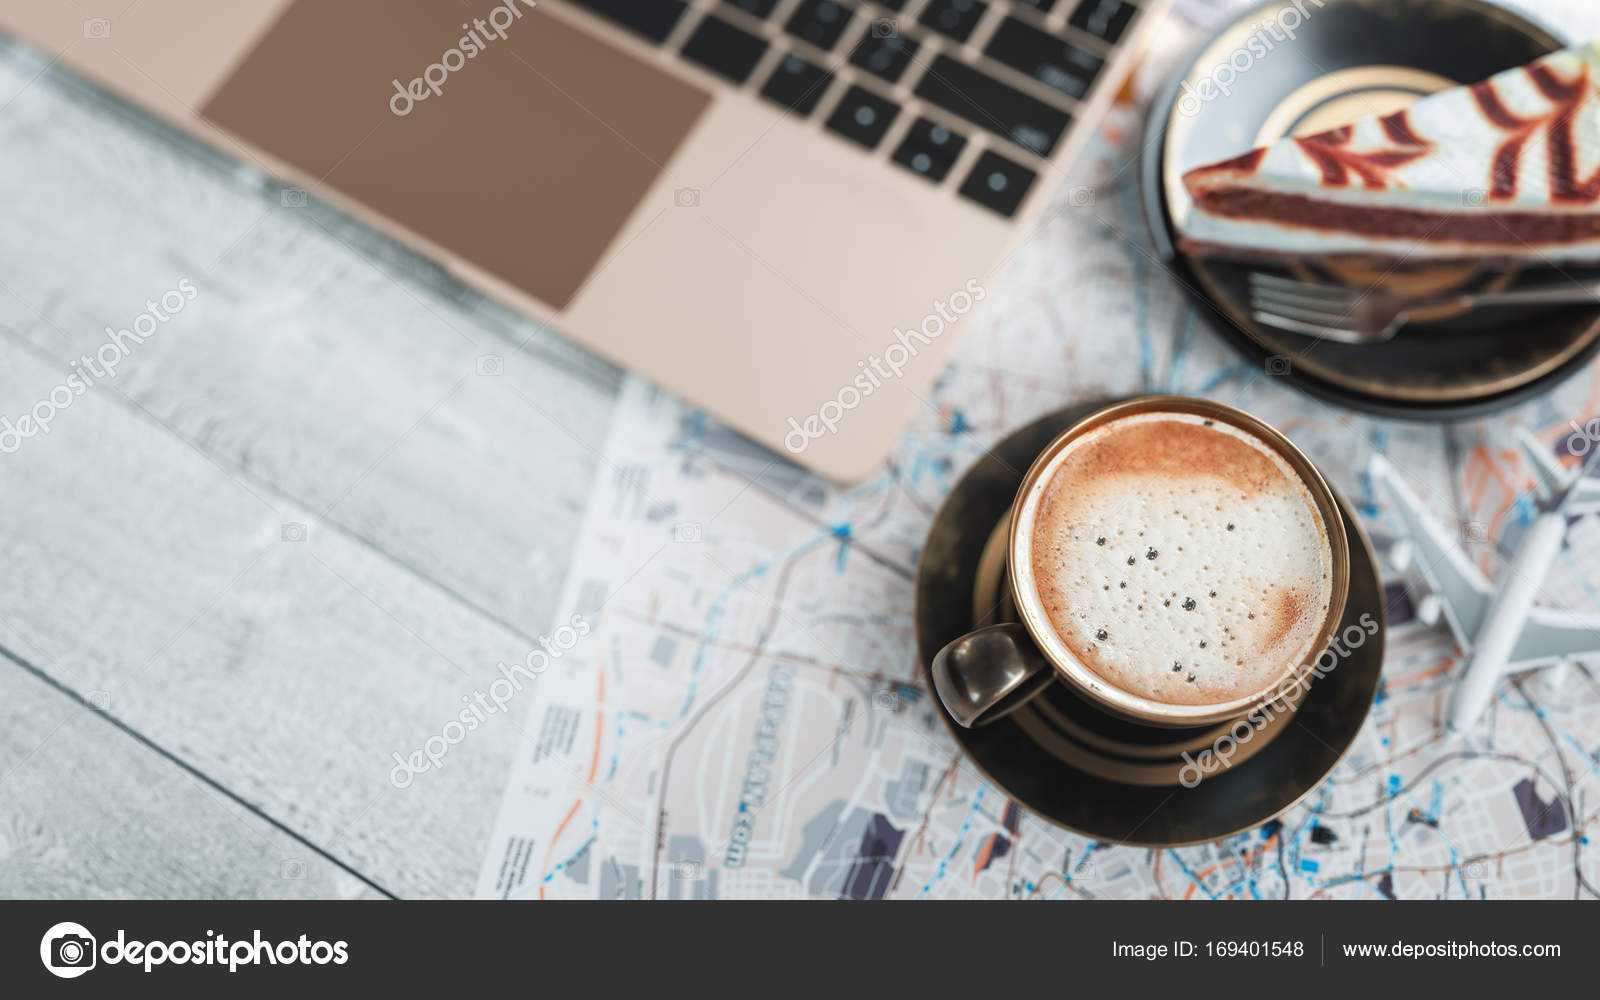 Kaffeetassen Notebooks Flugzeug Kuchen Und Karten Befinden Sich